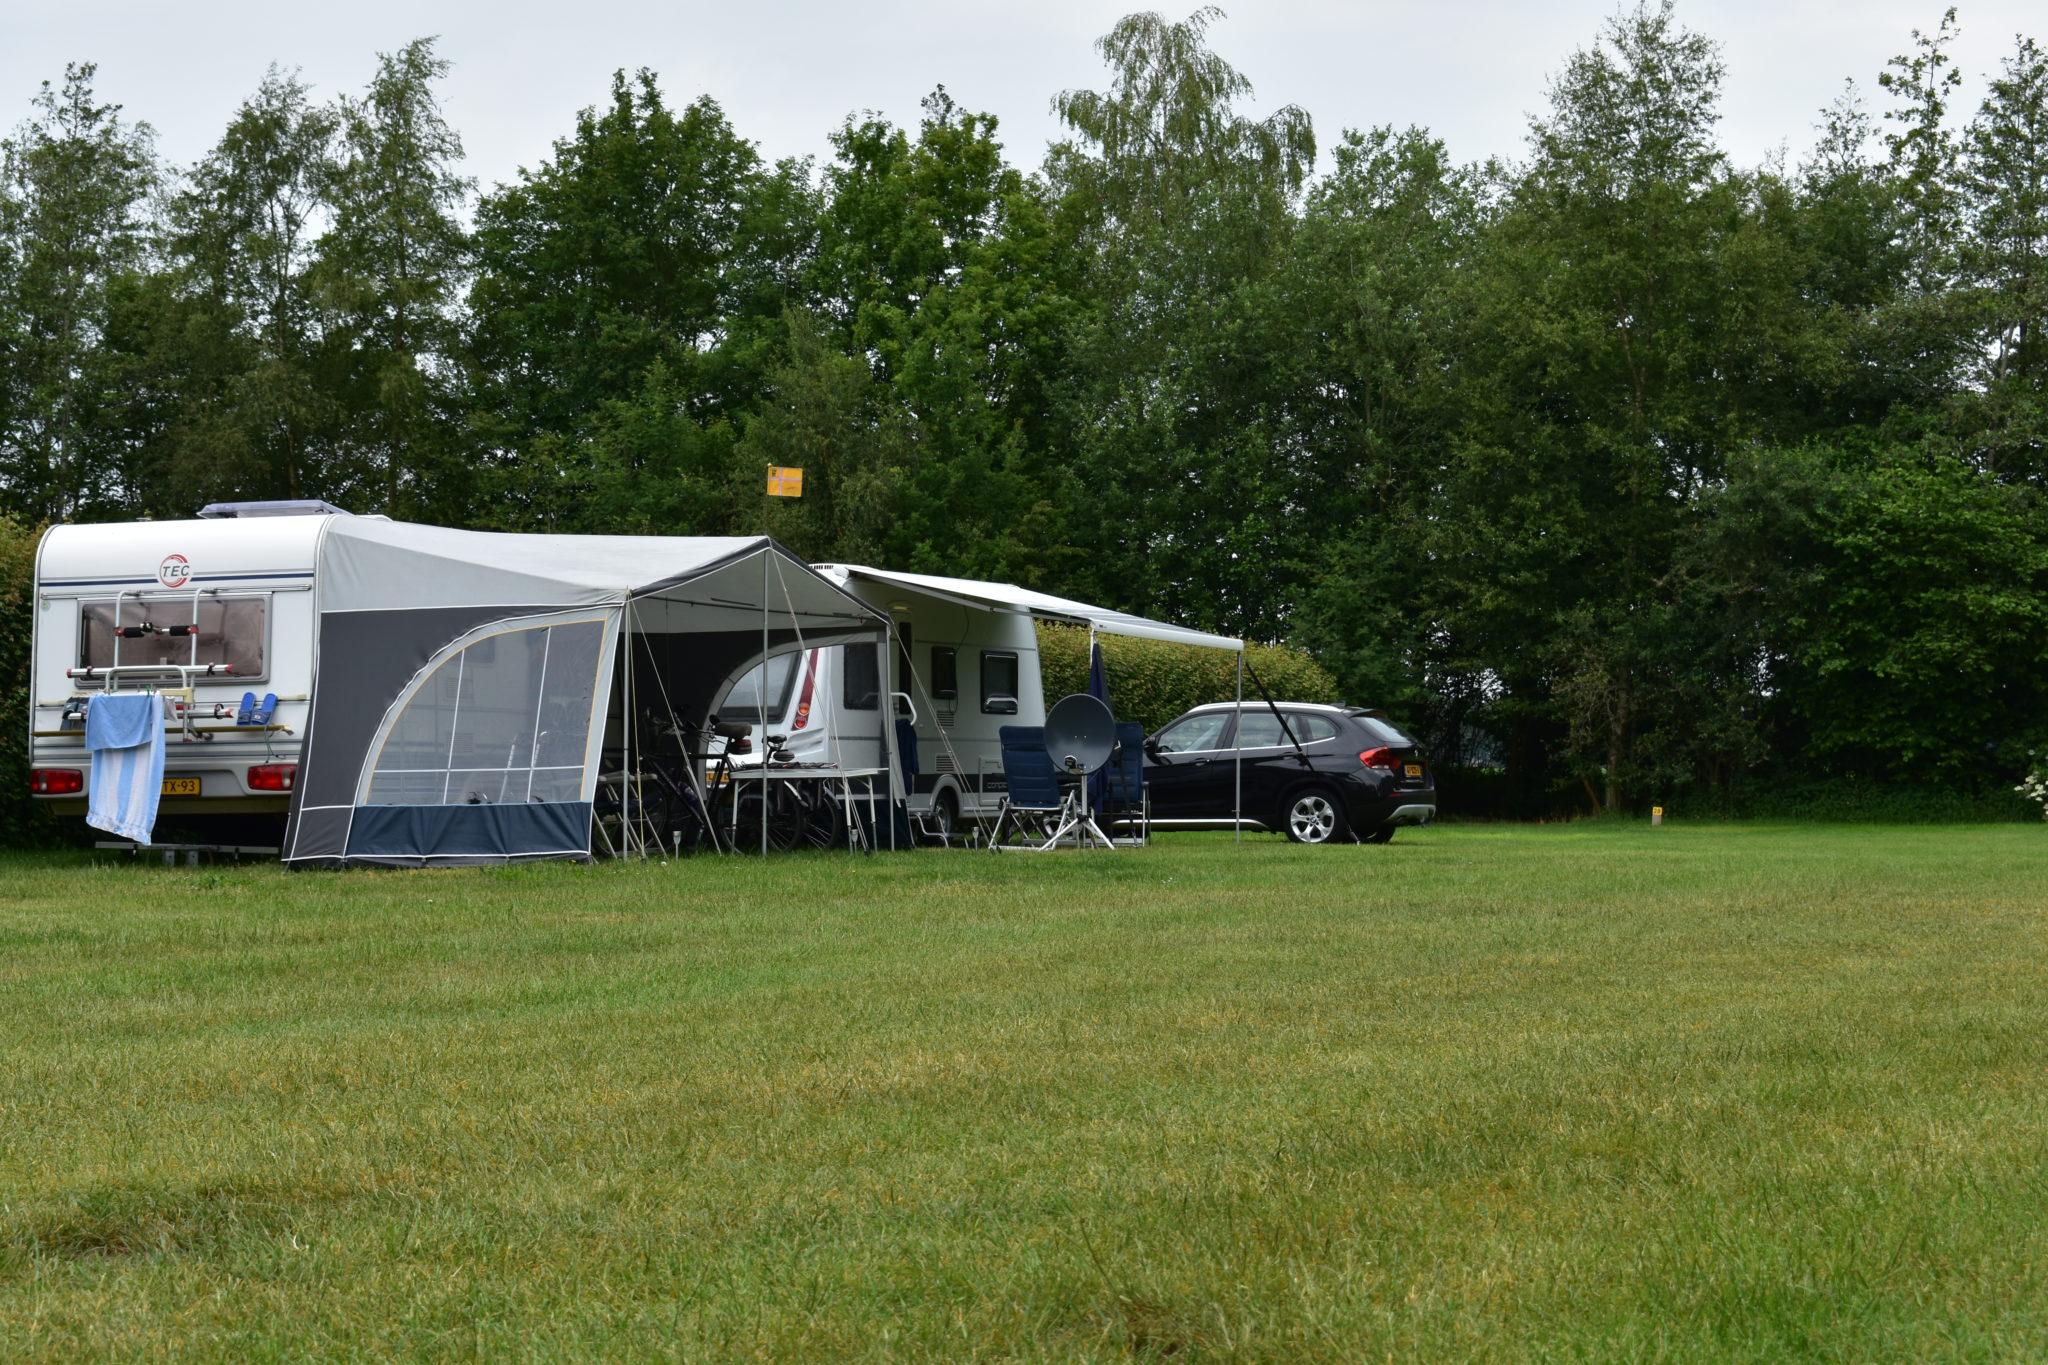 camping harminahoeve staanplaatsen caravan